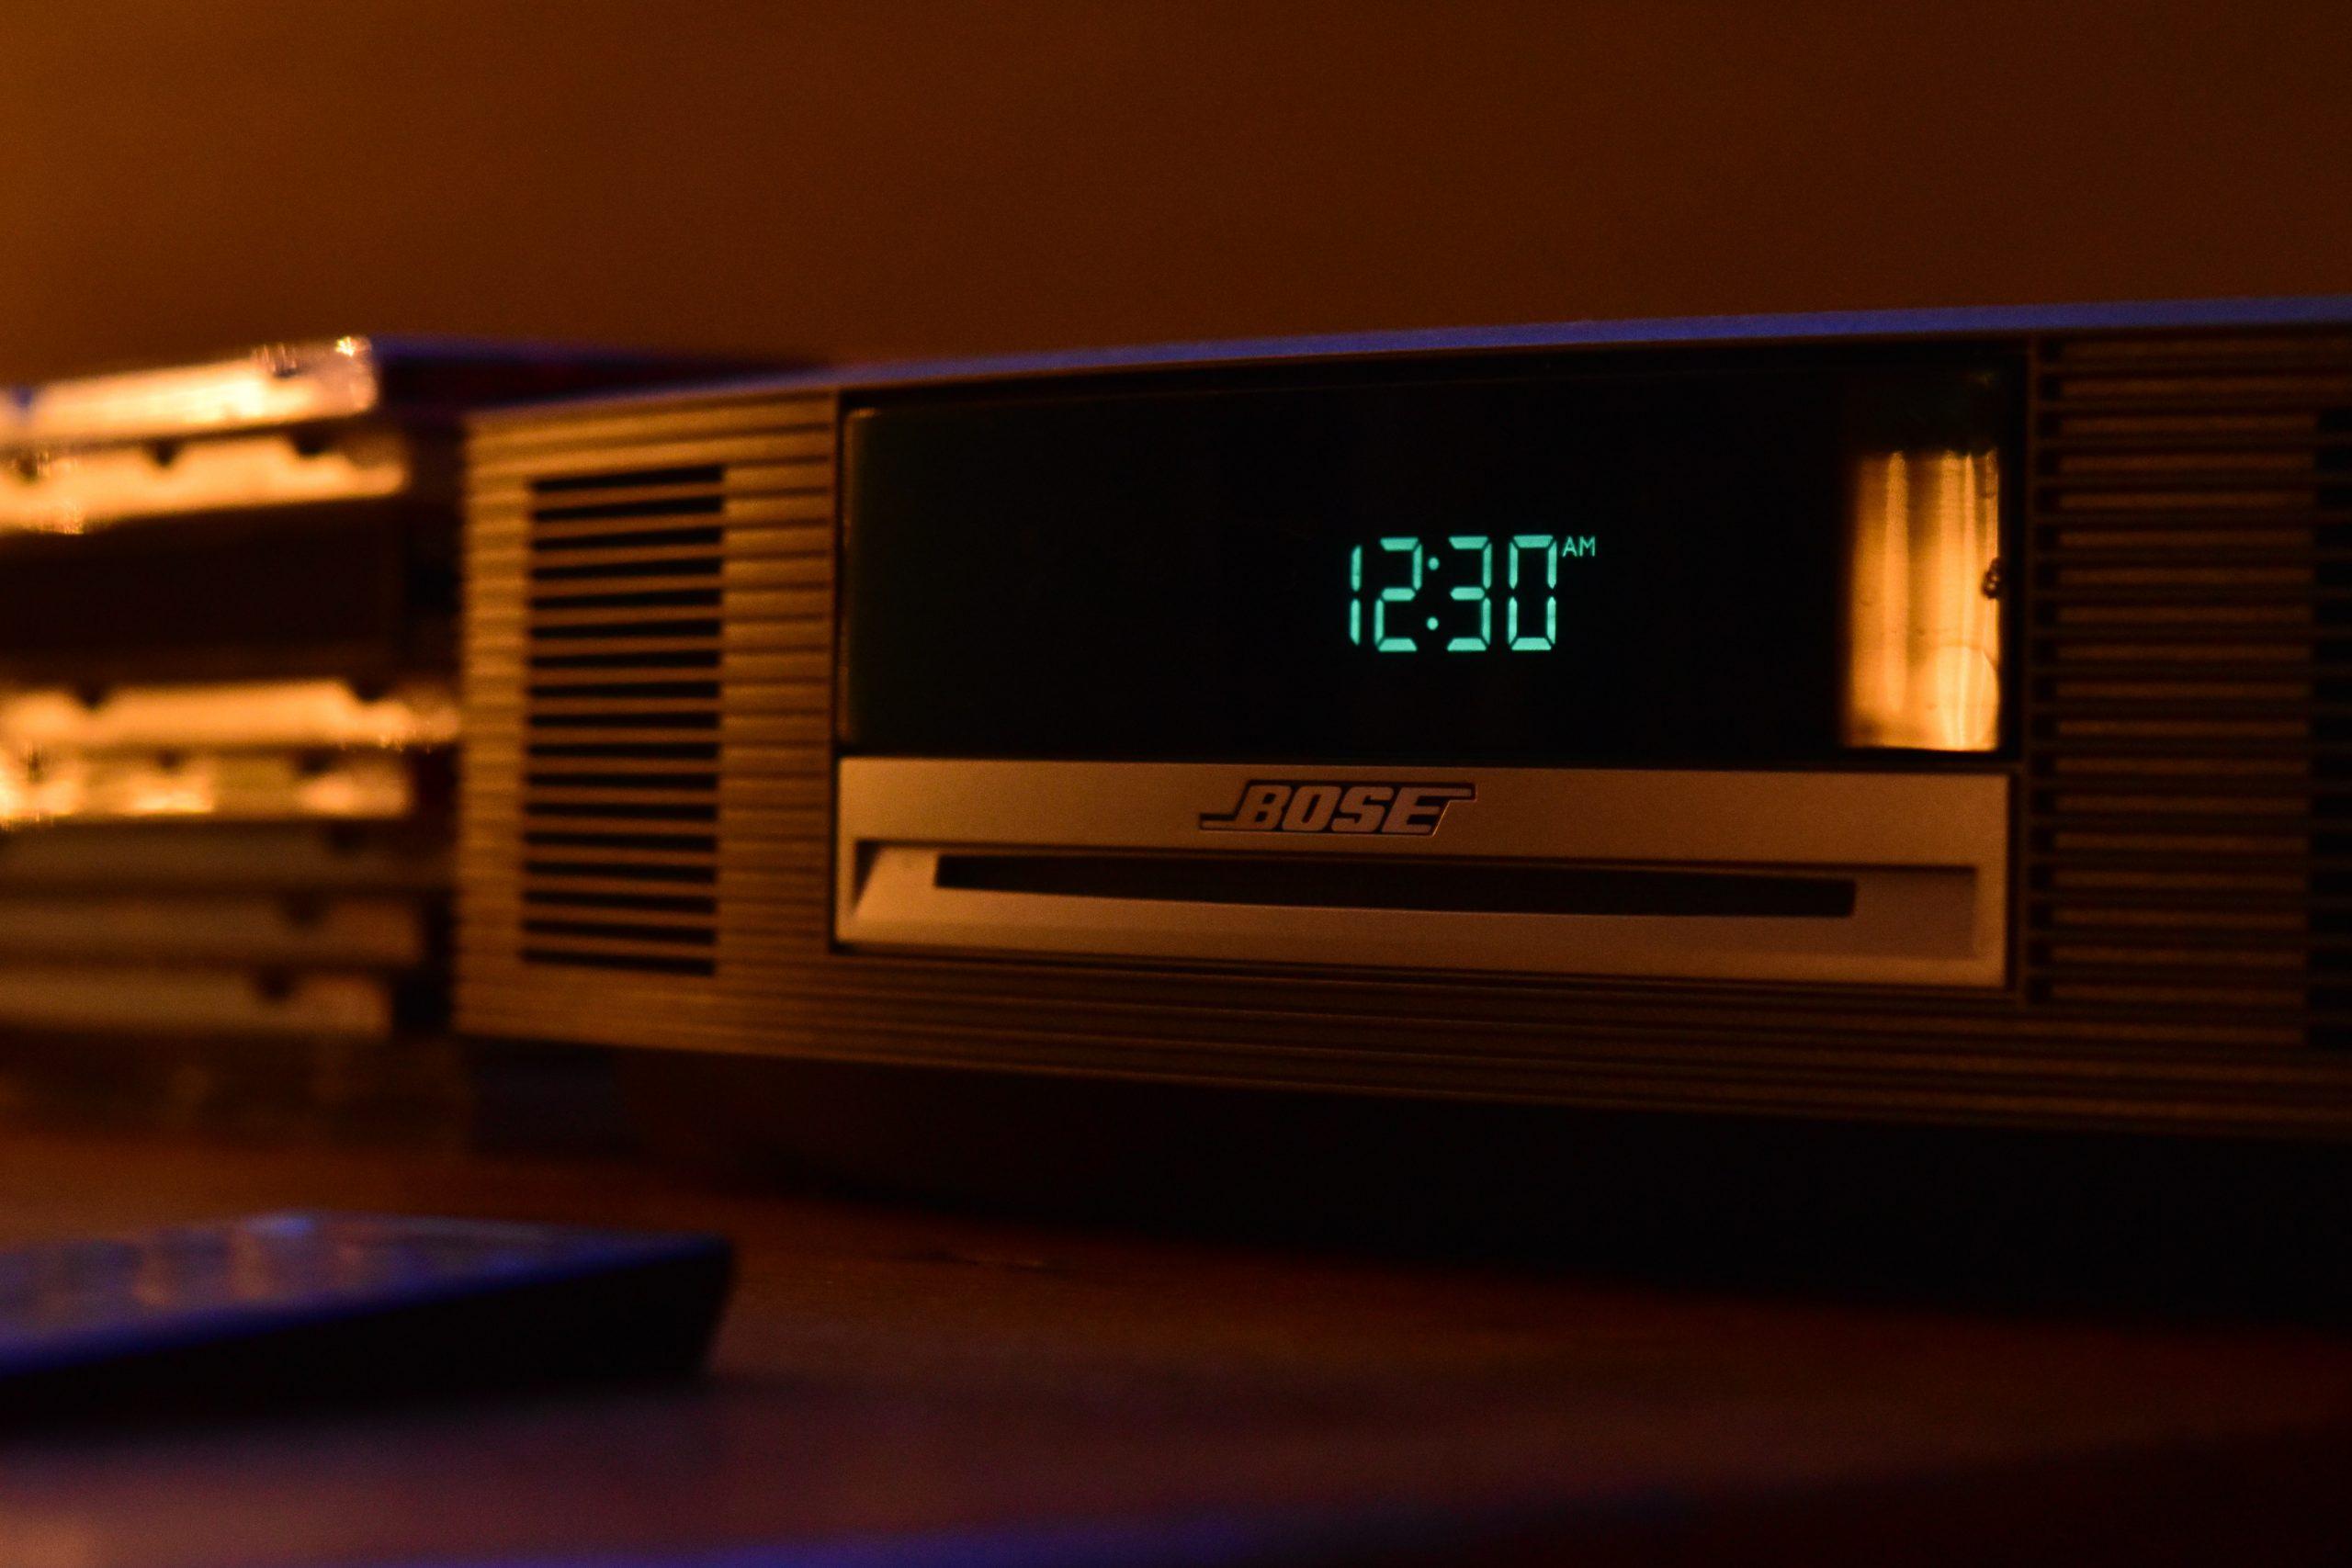 Rádio prata em uma mesa com o visor mostrando a hora